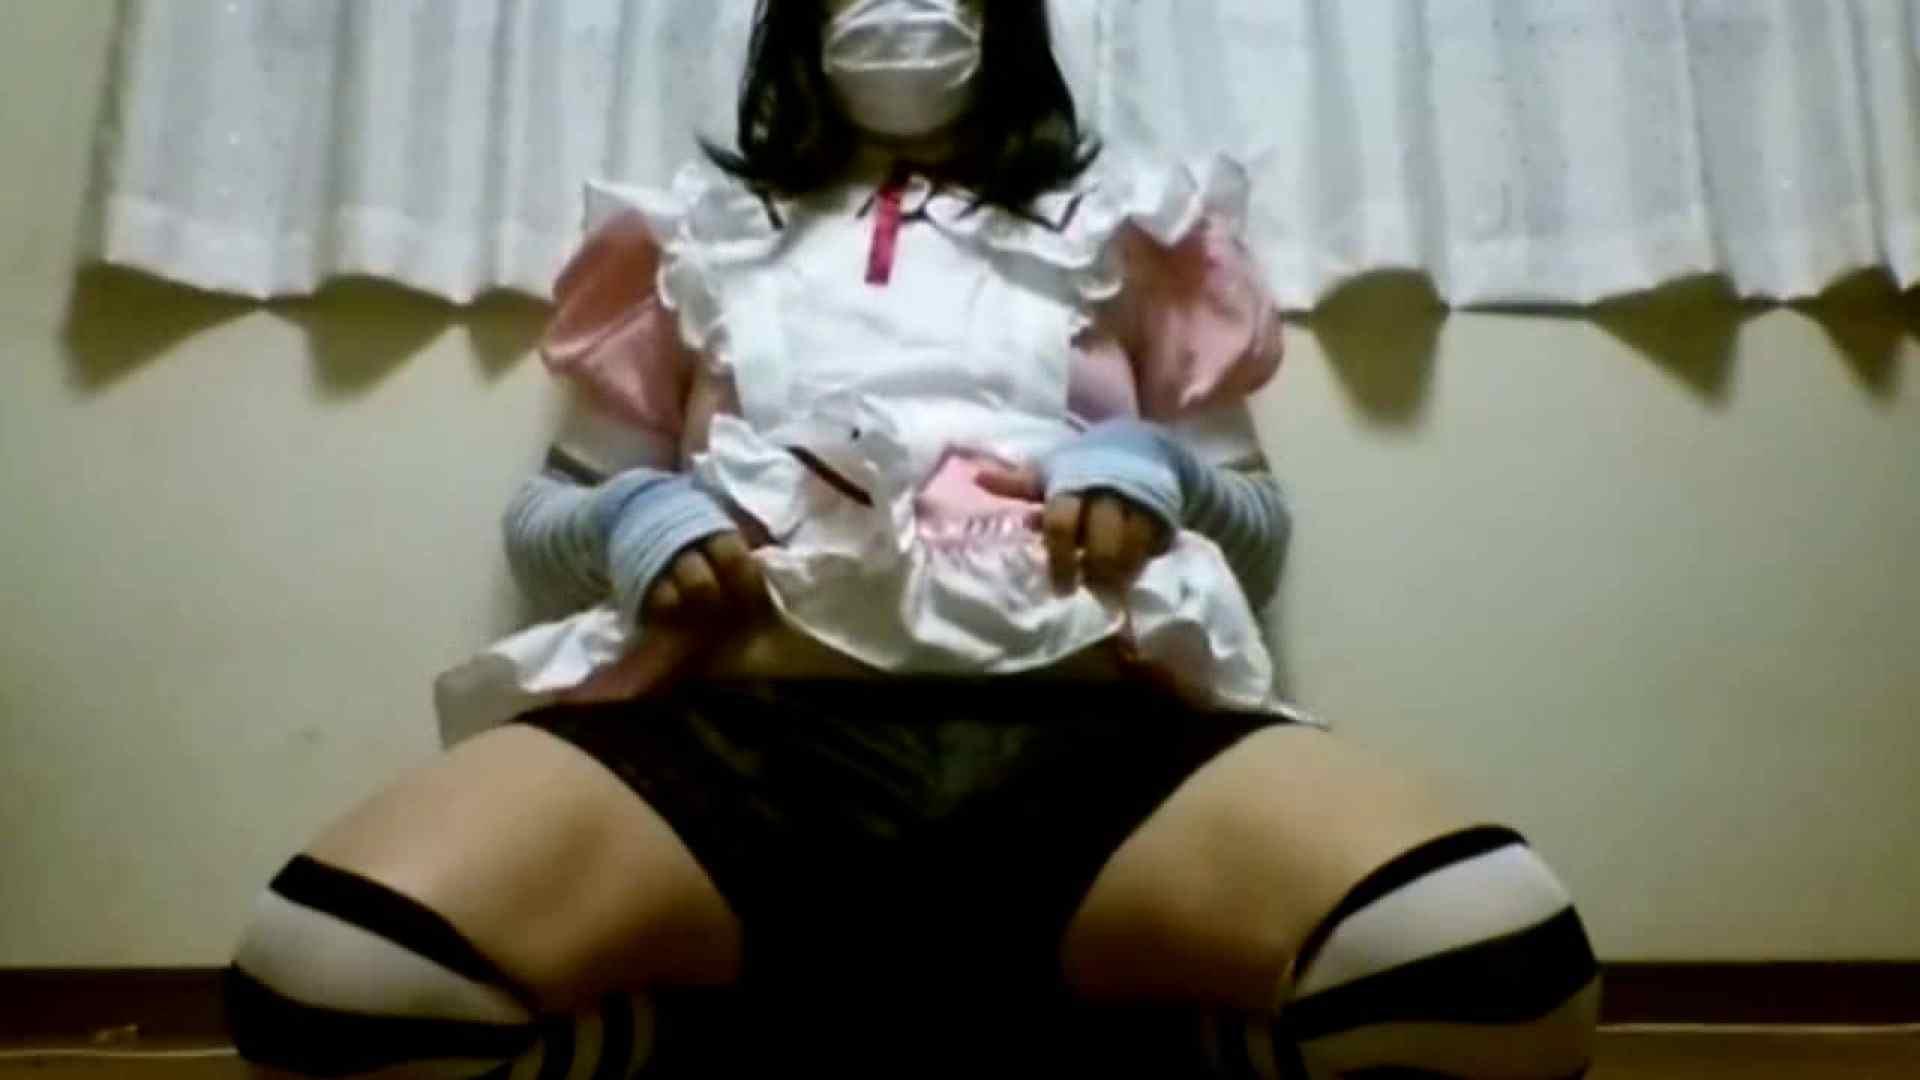 男のKOスプレー!Vol.10 オナニー | 手コキ アダルトビデオ画像キャプチャ 73pic 1